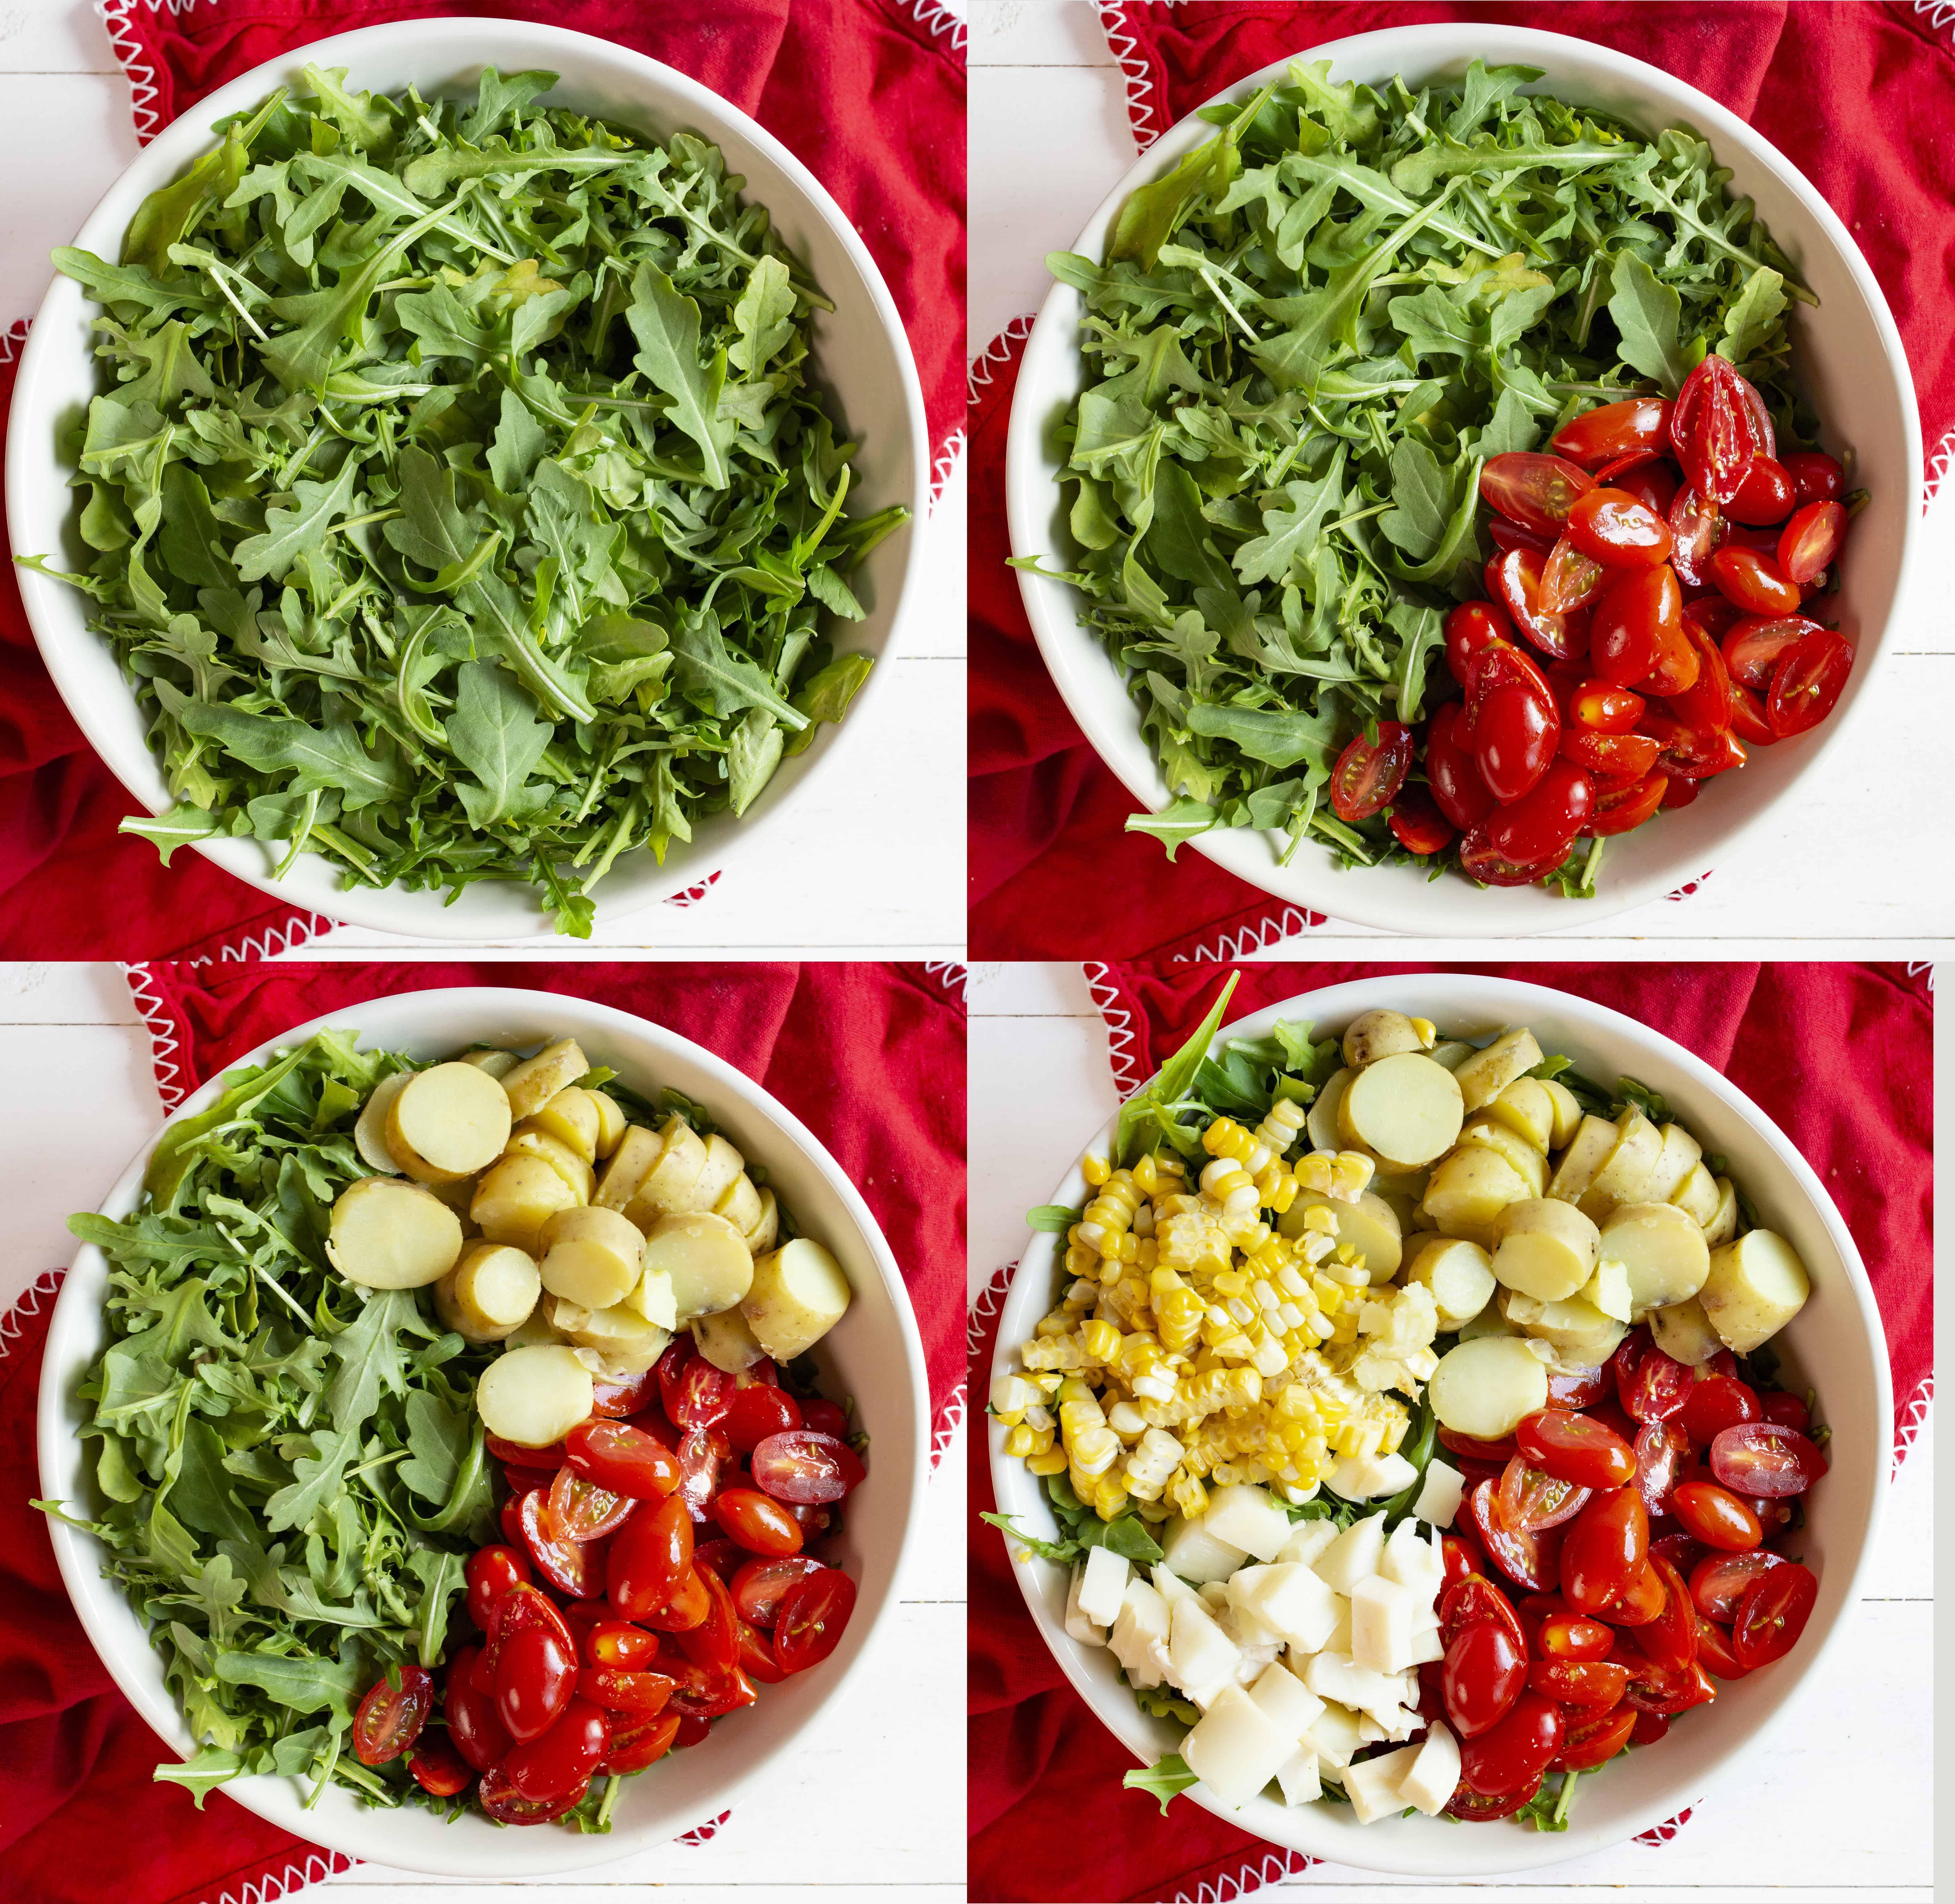 How to Make Summer Chicken Salad